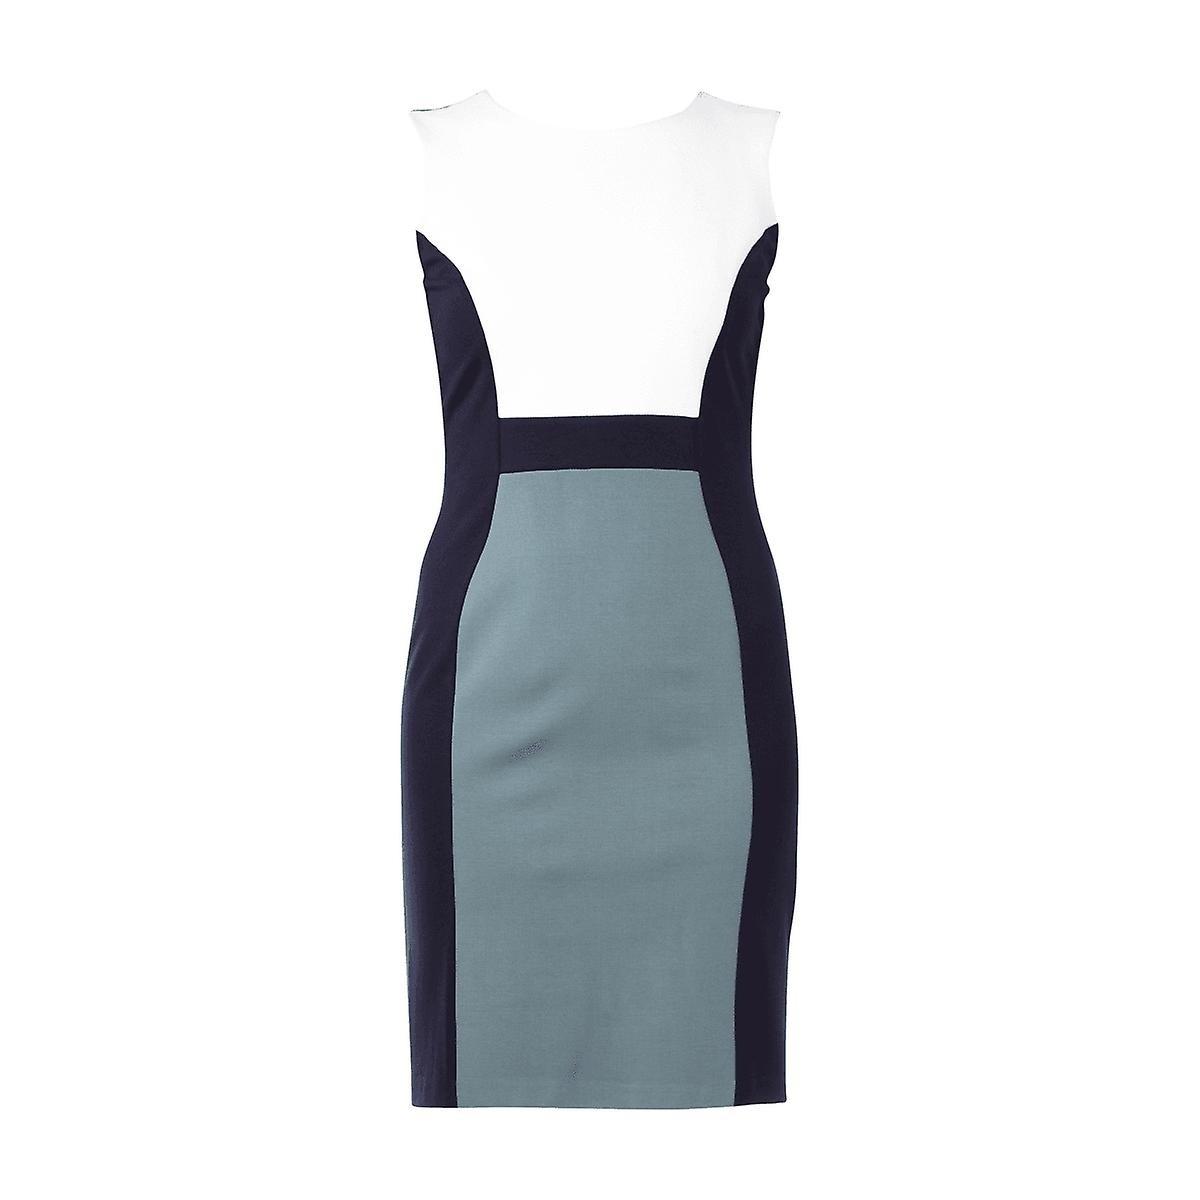 Top Kleid Marineblau Spezialgebiet10 Schön Kleid Marineblau Boutique